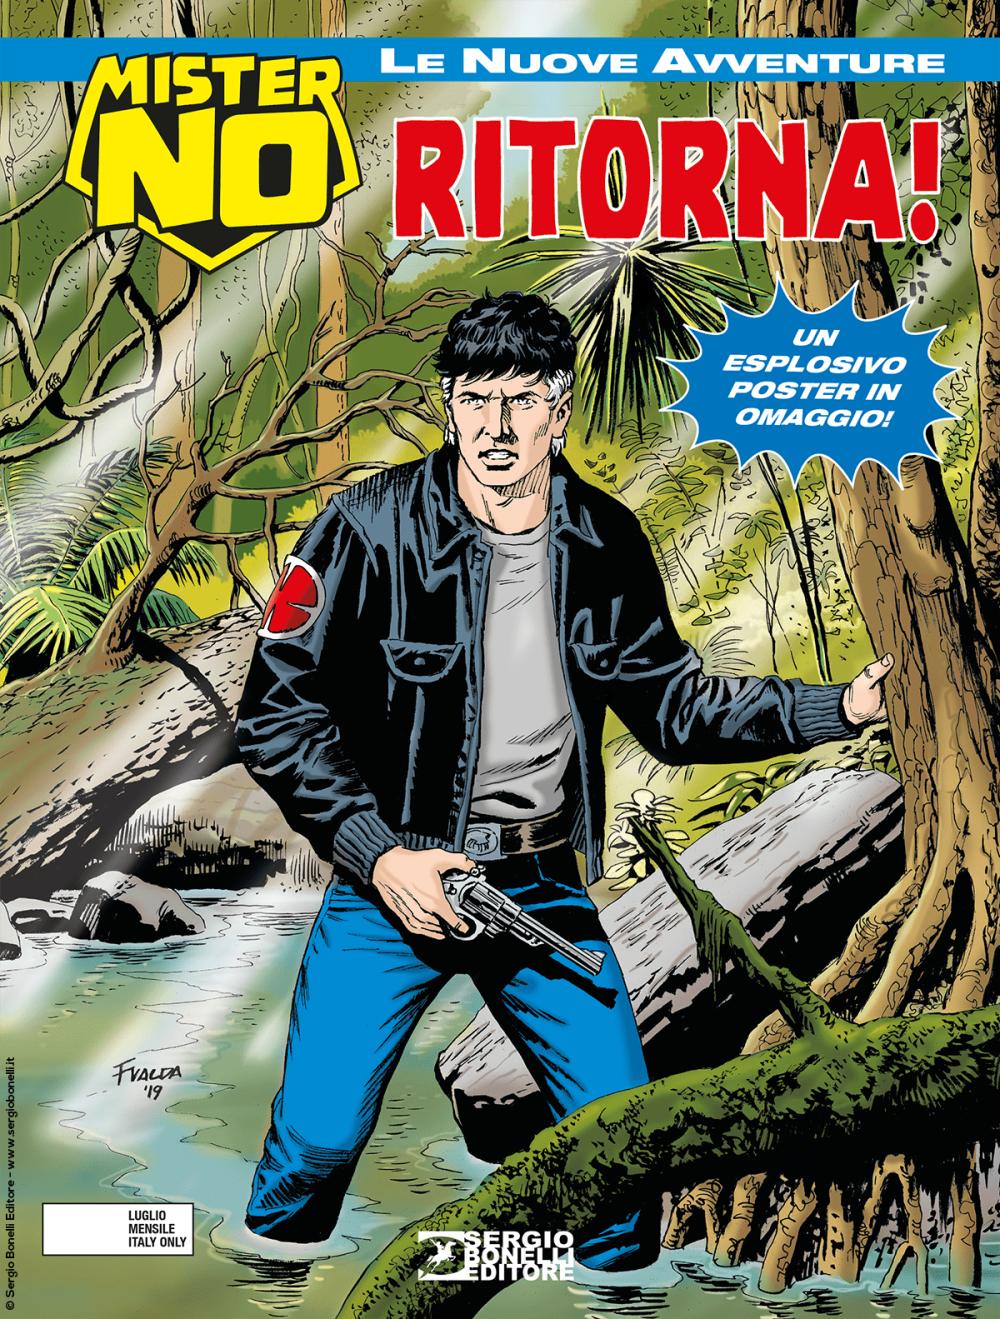 copertina comixrevolution-mister_no_le_nuove_avventure_01_ritorna